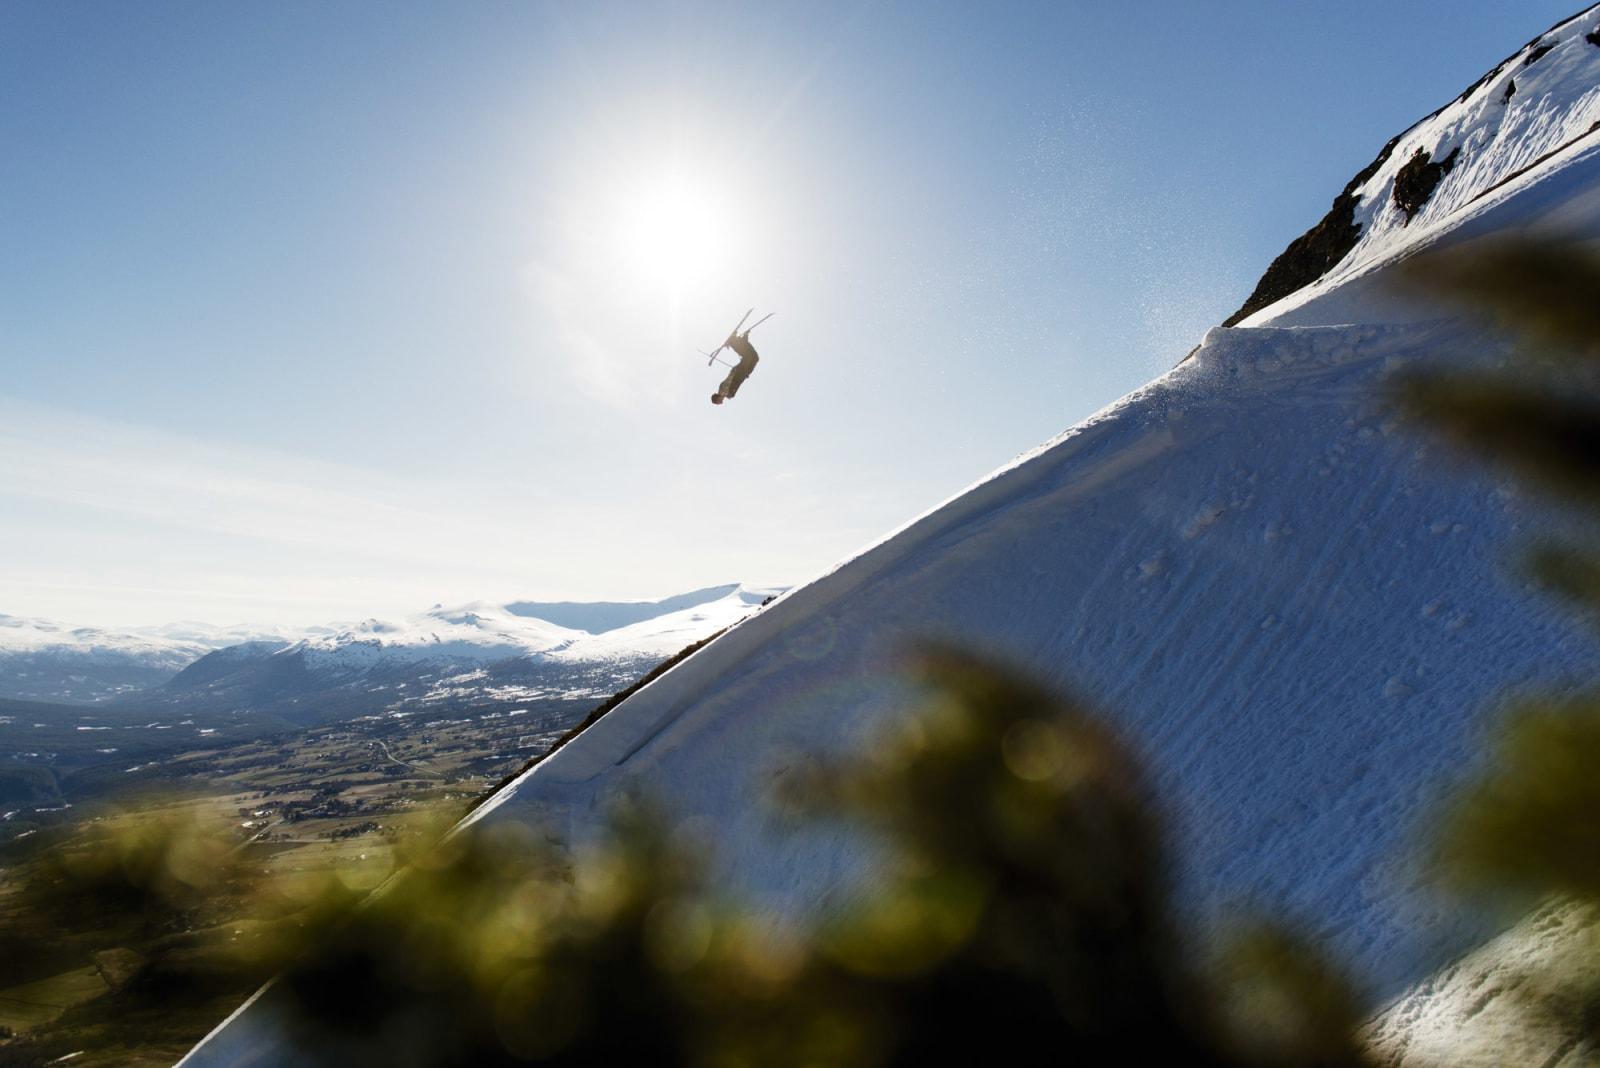 KLASSIKER: Både stedet, trikset og kjøreren på dette bildet er oppdalsklassikere. Erik Naess gjør en svær backflip i Skarbekkdalen. Foto: Martin Innerdal Dalen.